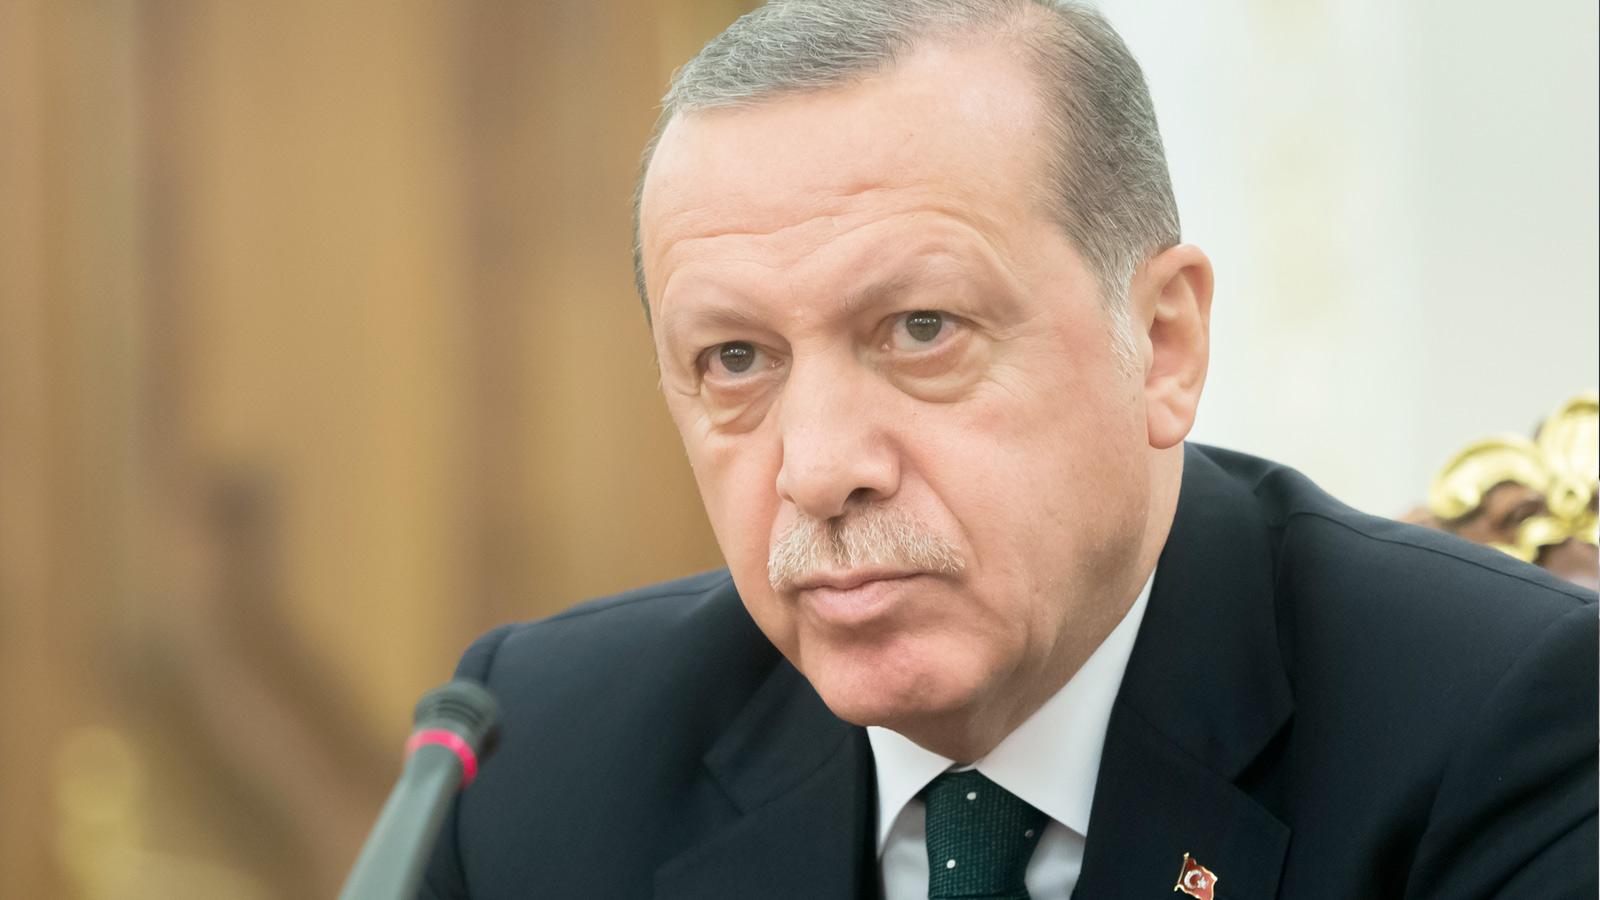 Erdoğan'dan İyidil'e beraat tepkisi: Yargı için çok üzücü bir adım, anlamak mümkün değil, bunların hepsinin talimatını verdik!